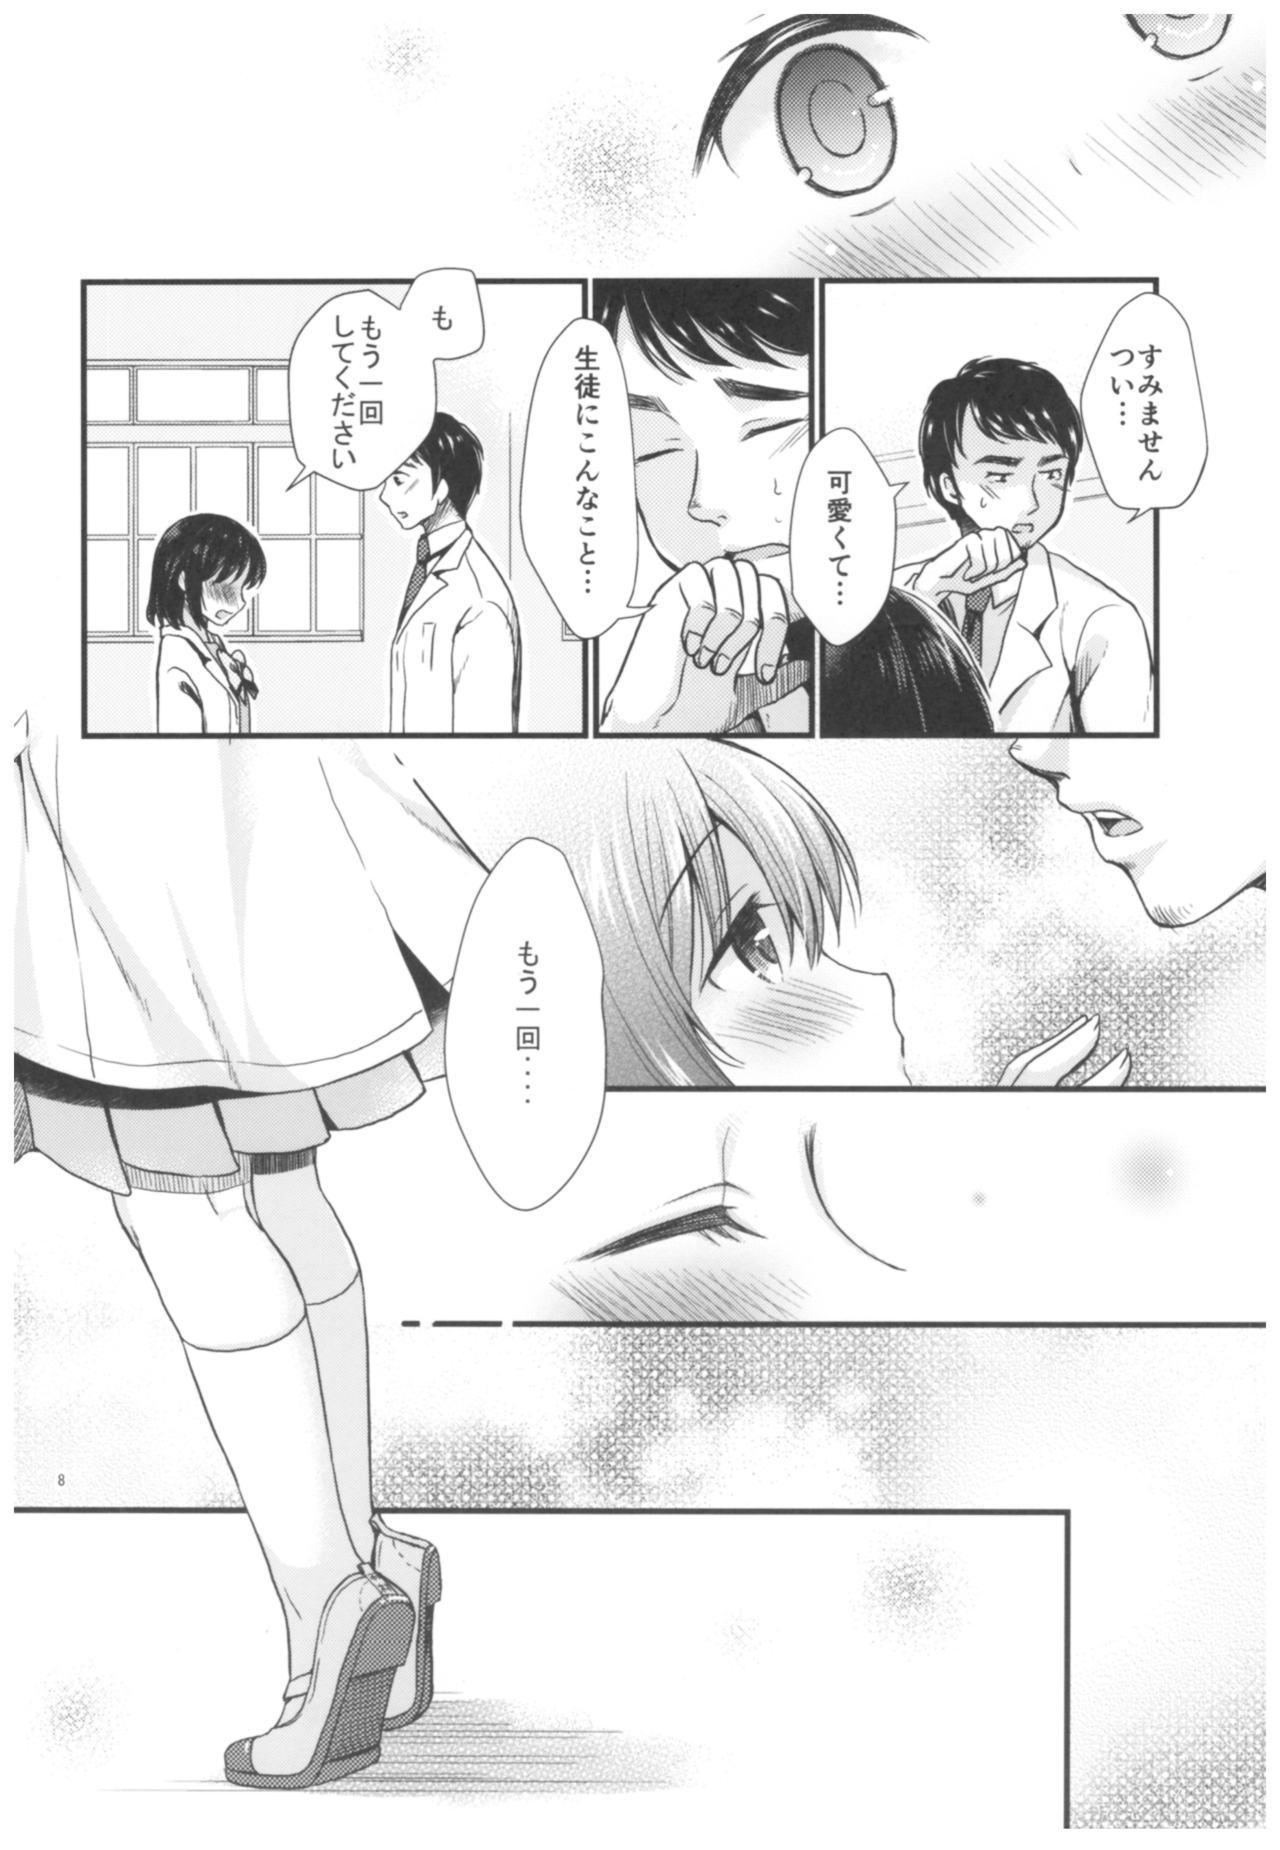 Houkago no Rikashitsu 8